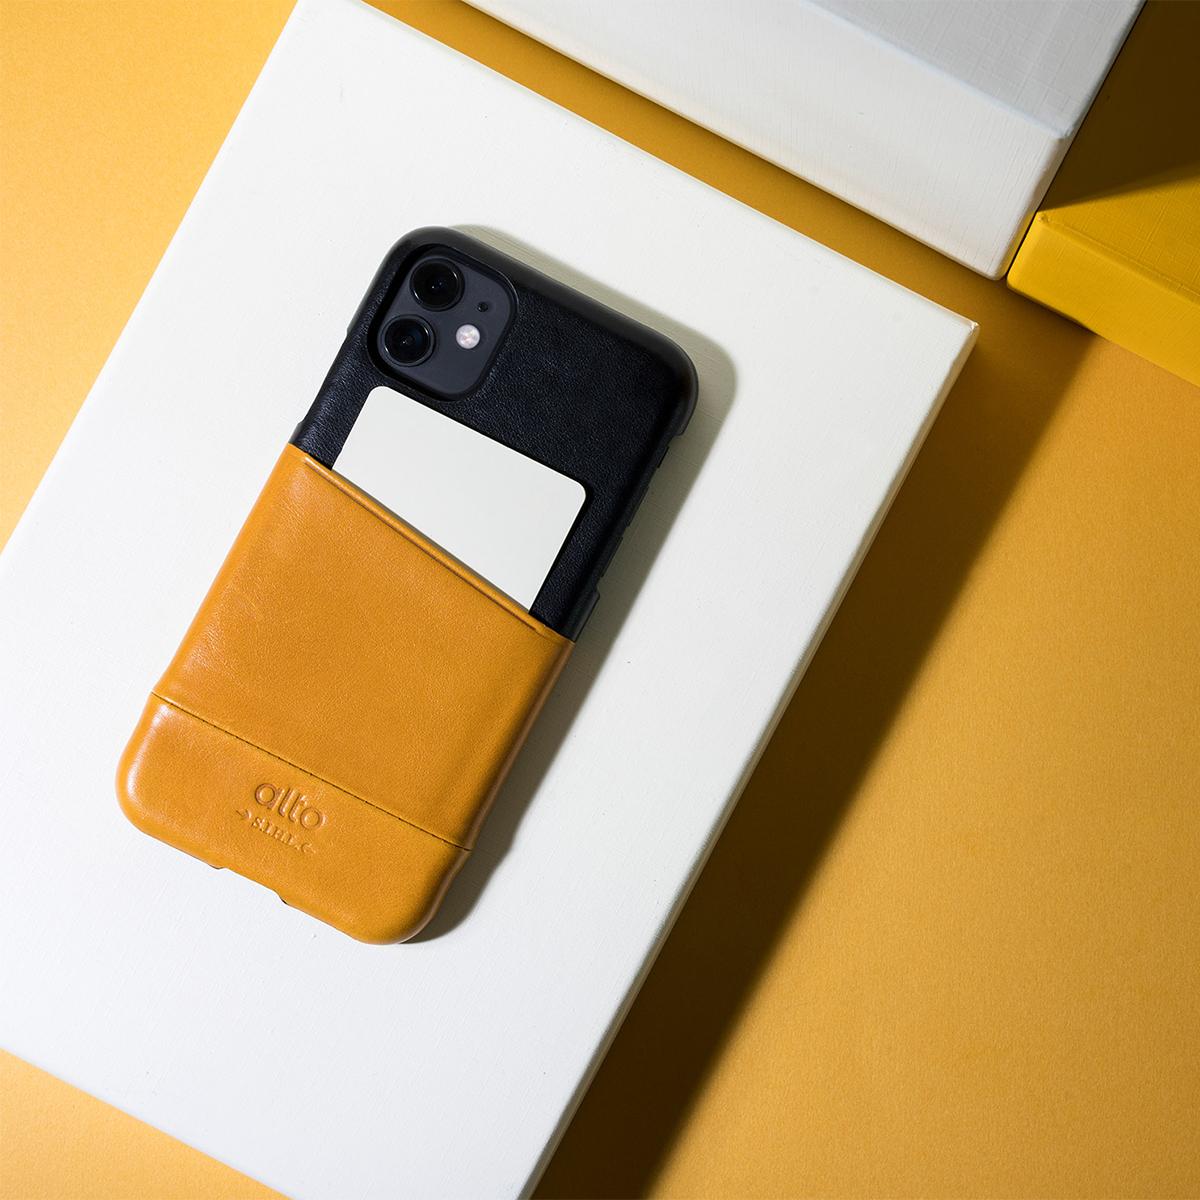 革作りから完成まで職人の手仕事にこだわったiPhoneケース|Alto